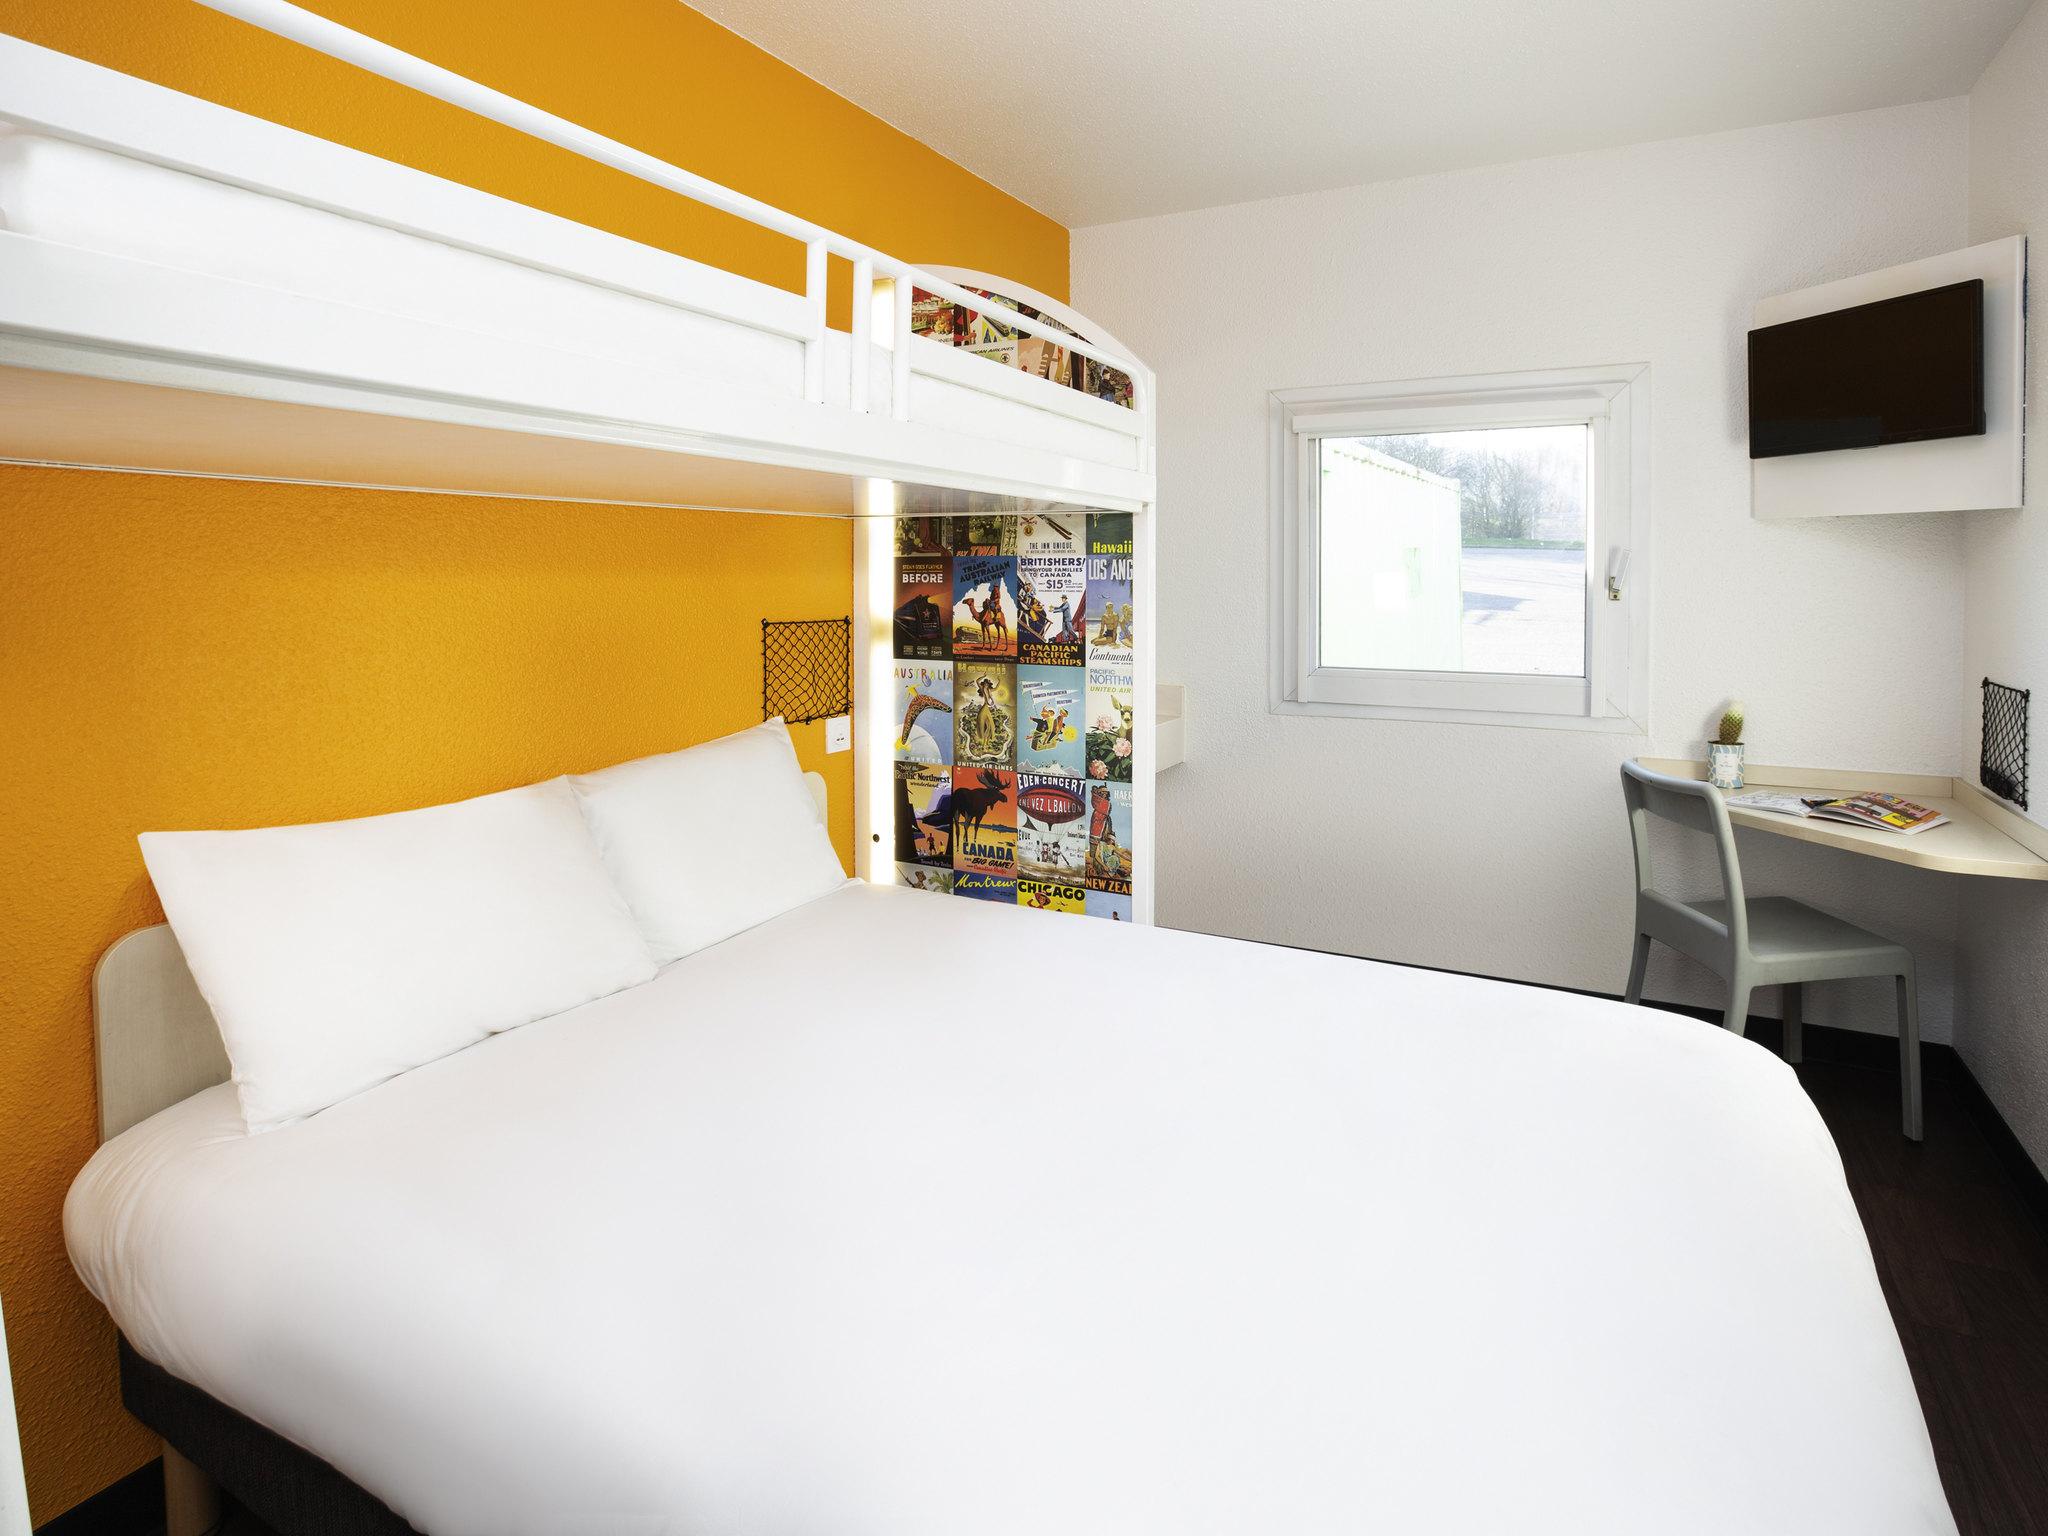 โรงแรม – hotelF1 Saverne Monswiller